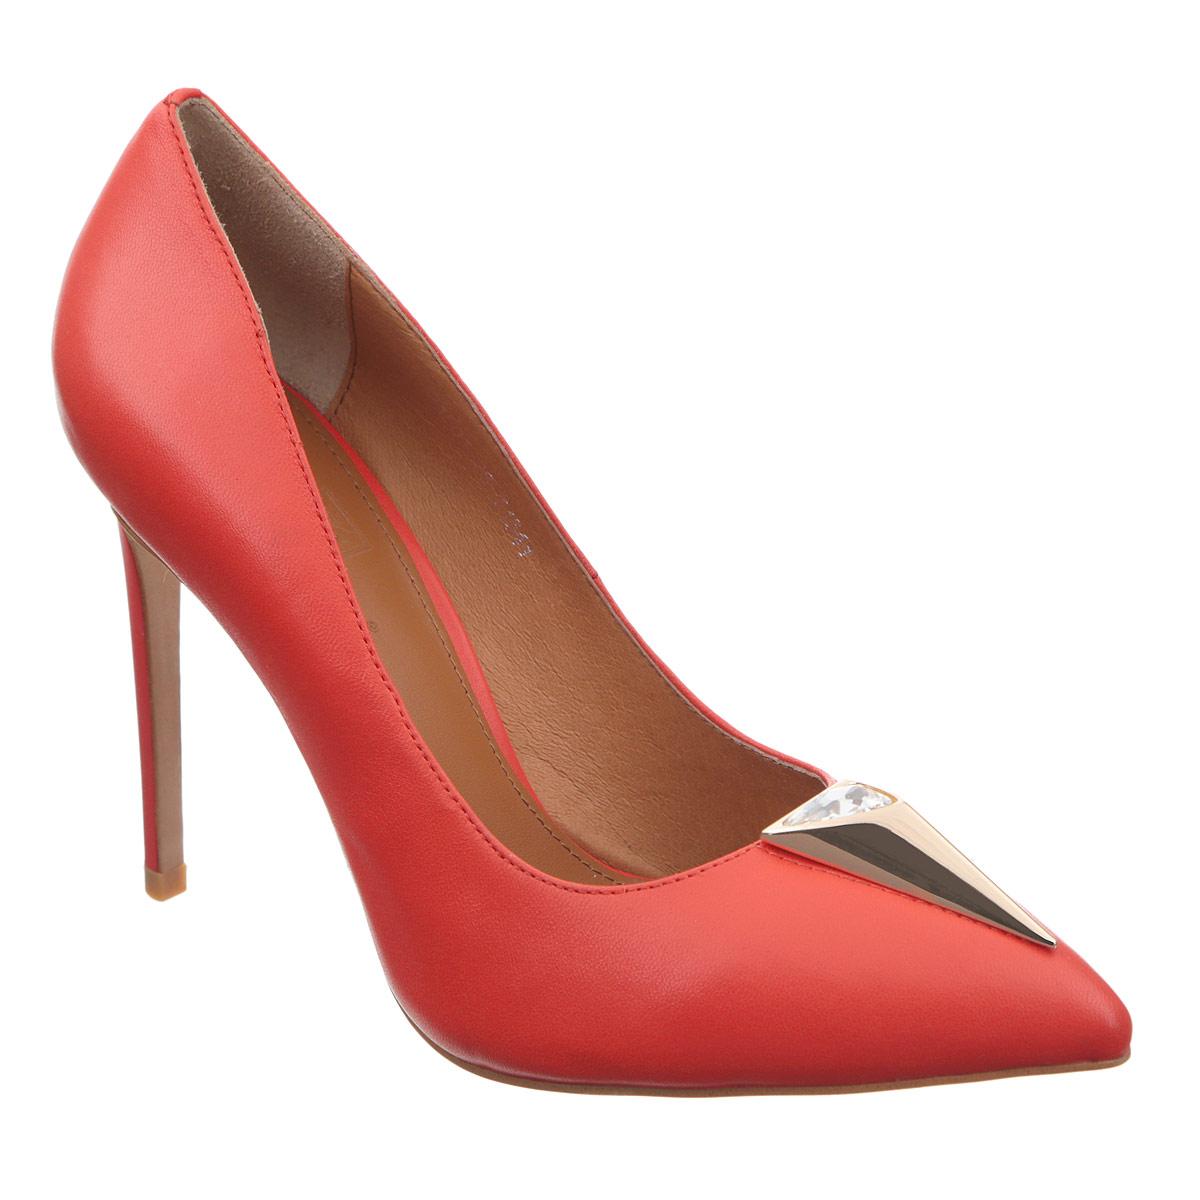 Туфли женские. 1501-28/T15411501-28/T1541Оригинальные женские туфли Grand Style заинтересуют вас своим дизайном. Модель выполнена из высококачественной натуральной кожи. Мыс туфель оформлен декоративным треугольным элементом из металла, инкрустированным крупным стразом. Зауженный носок добавит женственности в ваш образ. Стелька из натуральной кожи позволяет ногам дышать. Высокий каблук-шпилька компенсирован скрытой платформой. Подошва с рифлением обеспечивает отличное сцепление с любой поверхностью. Изысканные туфли добавят шика в модный образ и подчеркнут ваш безупречный вкус.